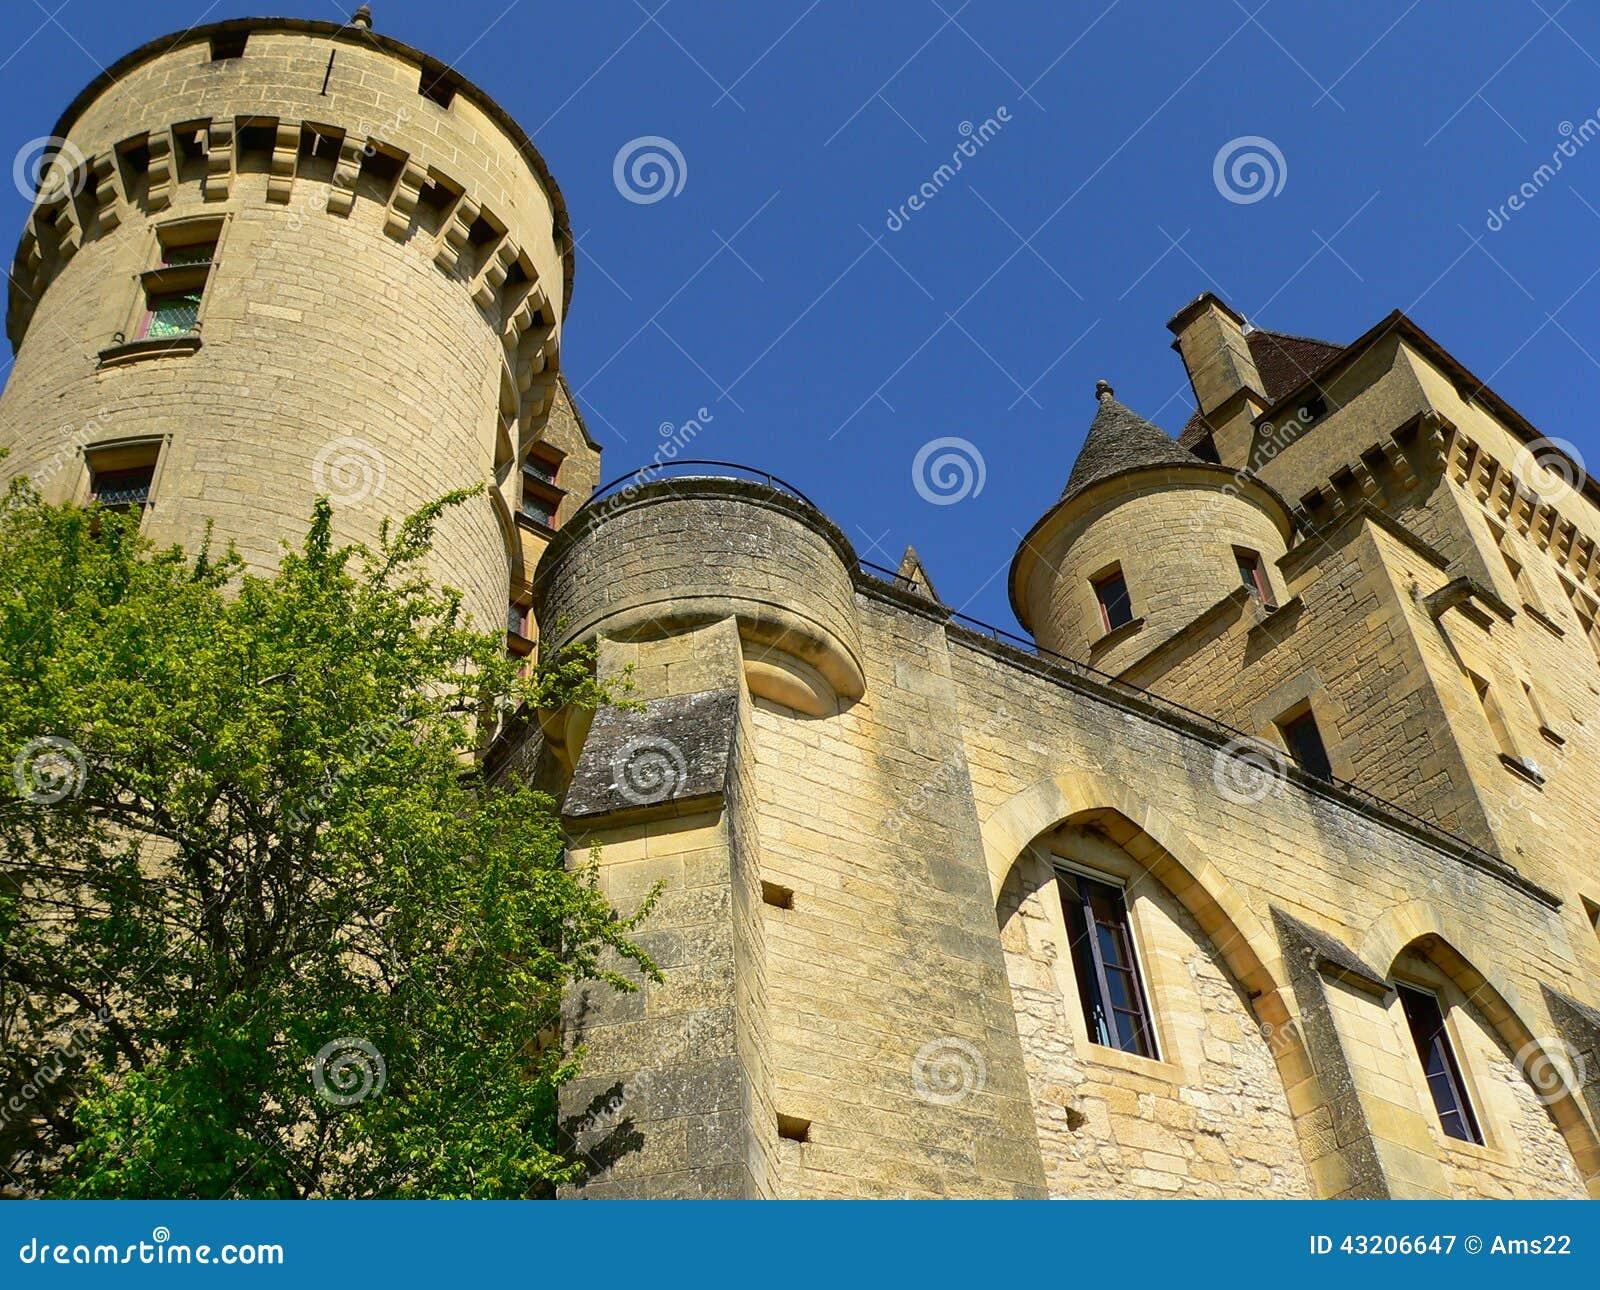 Download Roque För Malartrie För La För Gageac För Chateaude France Fotografering för Bildbyråer - Bild av ferier, maroon: 43206647